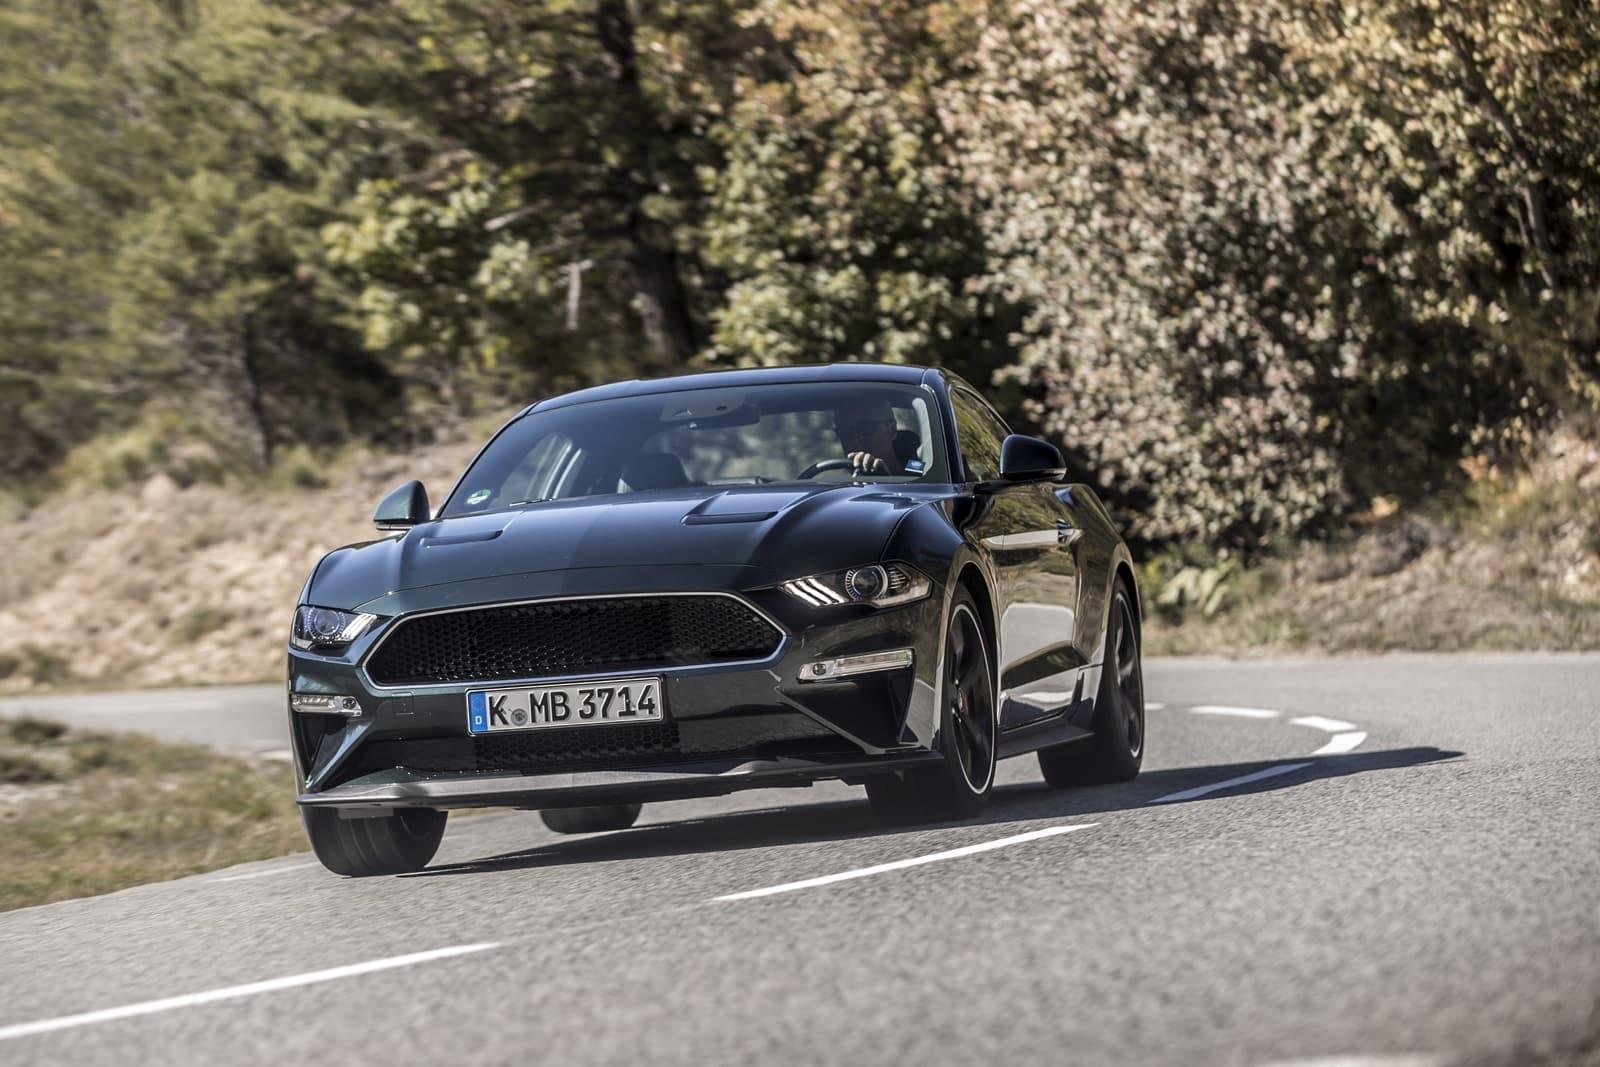 Ford Mustang Bullitt 2018 1018 047